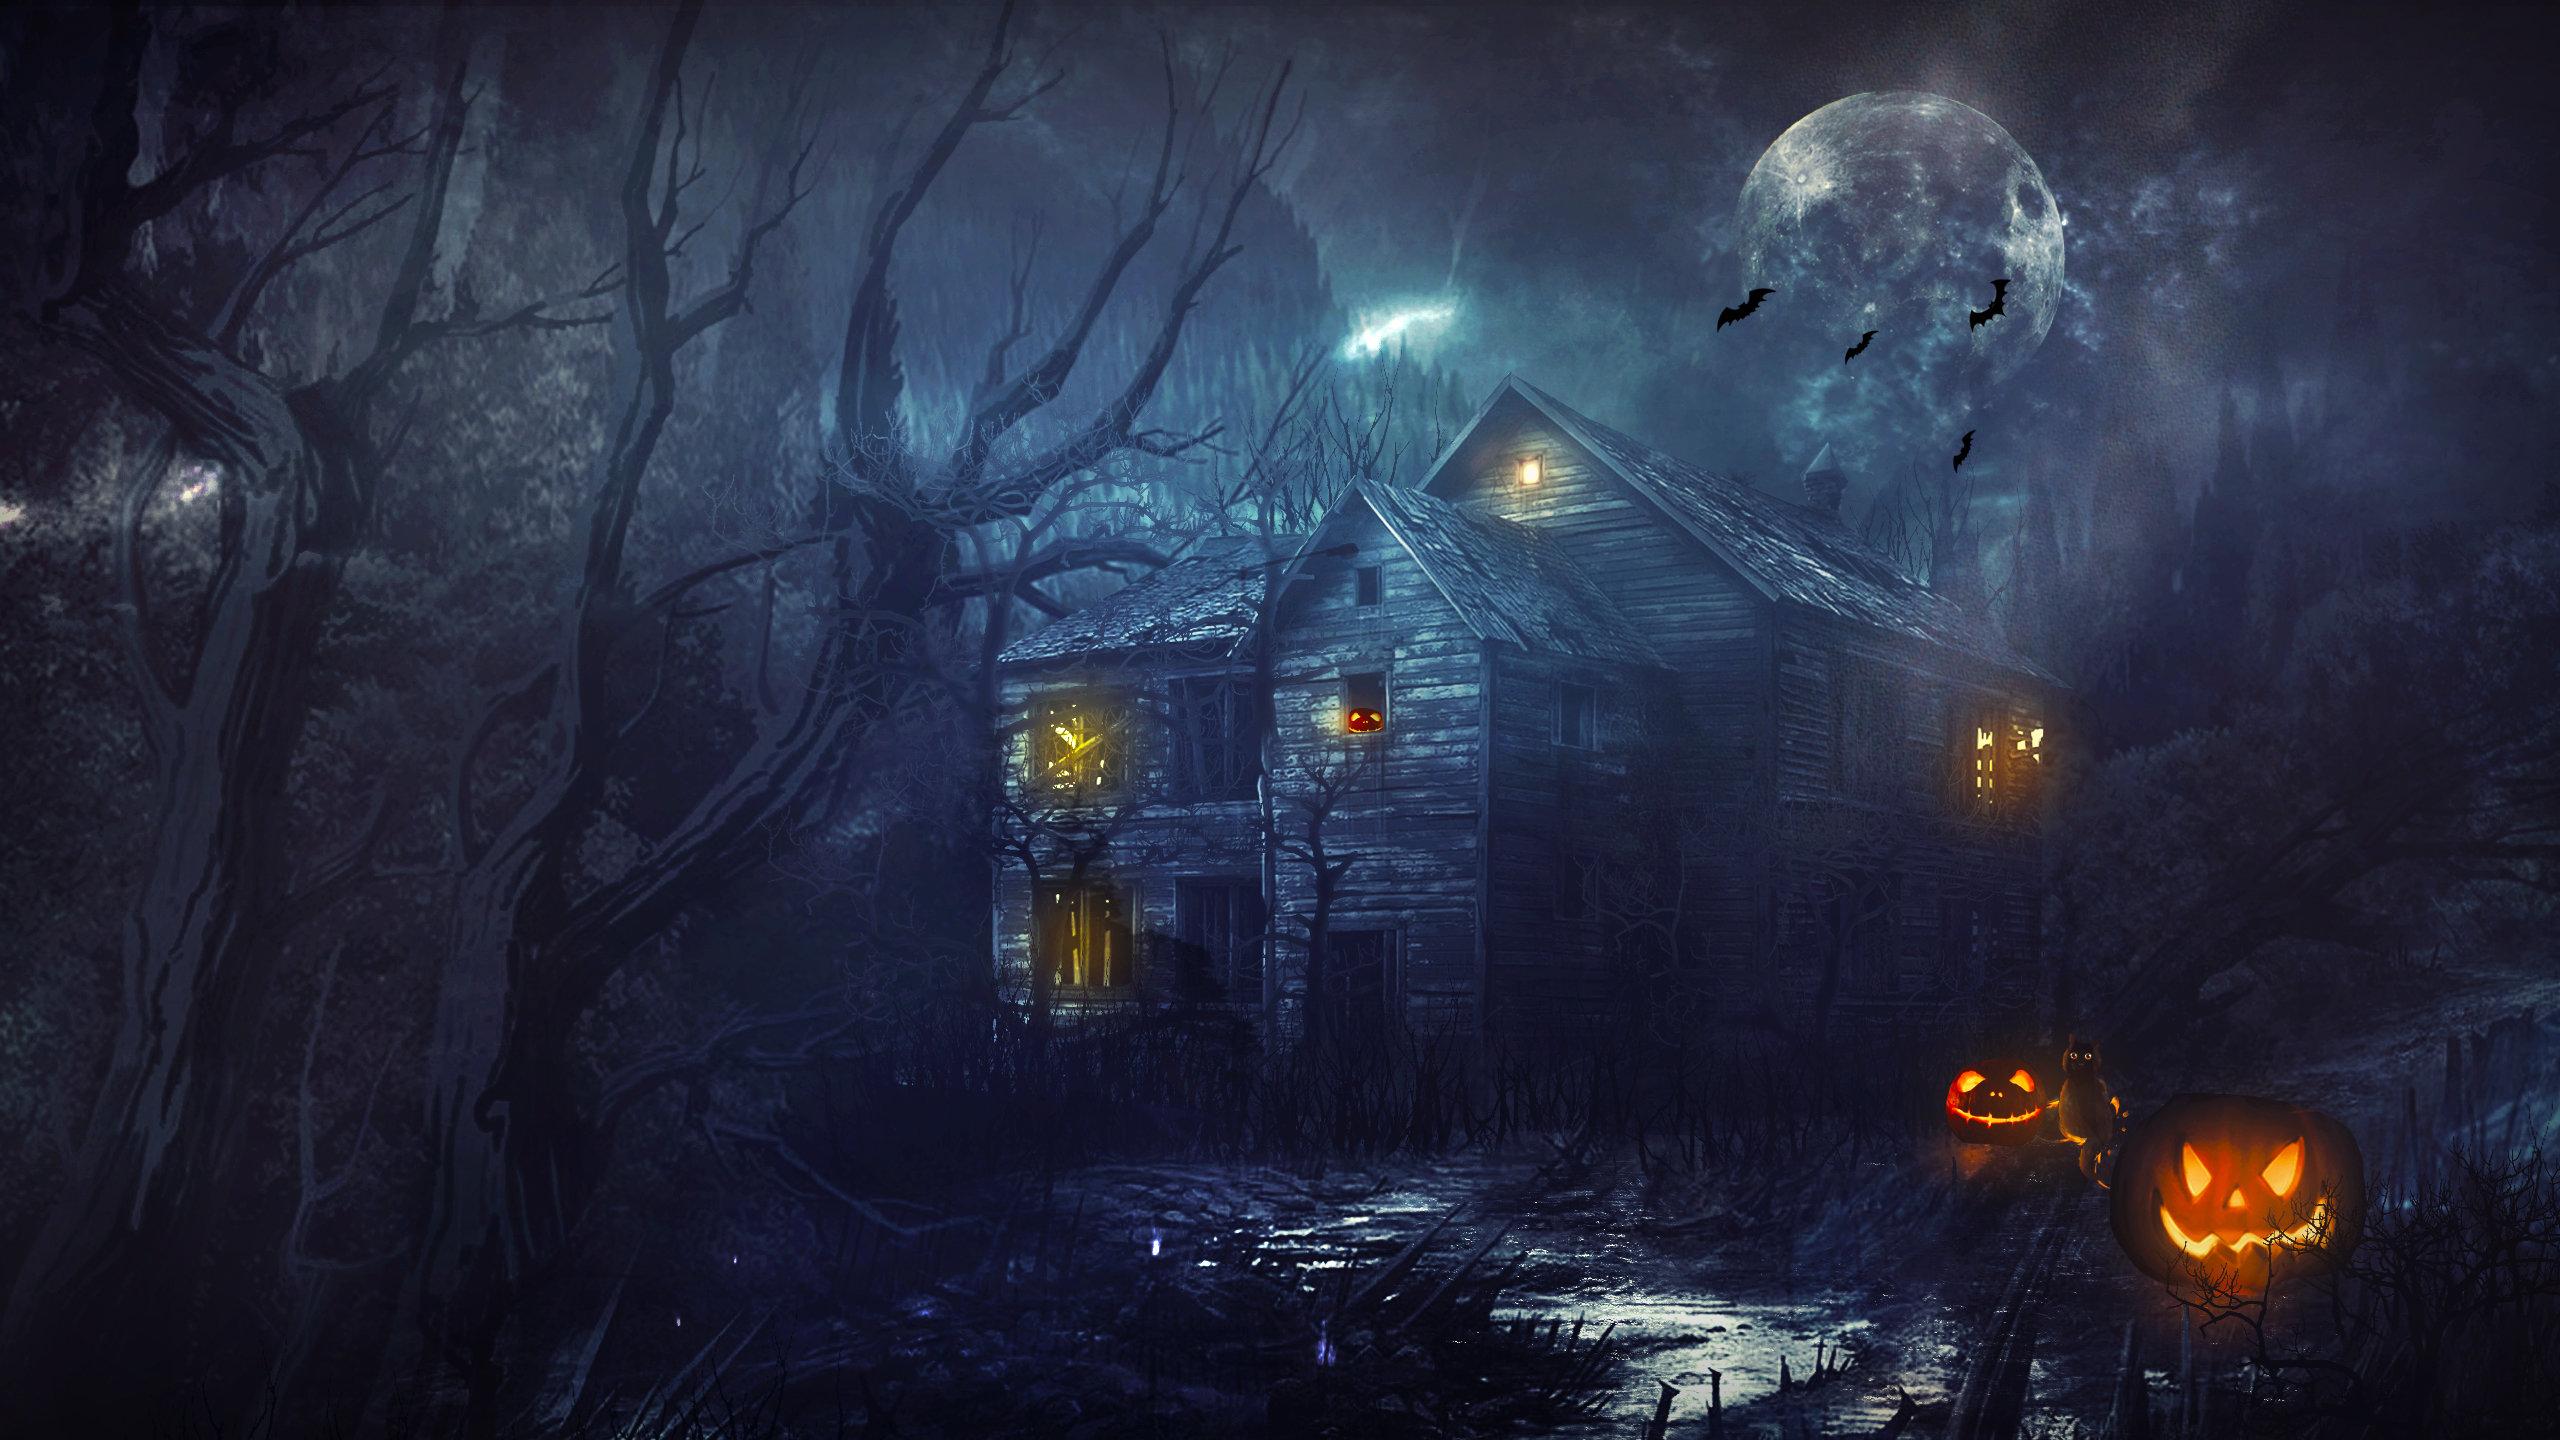 Halloween wallpapers 2560x1440 desktop backgrounds 2560x1440